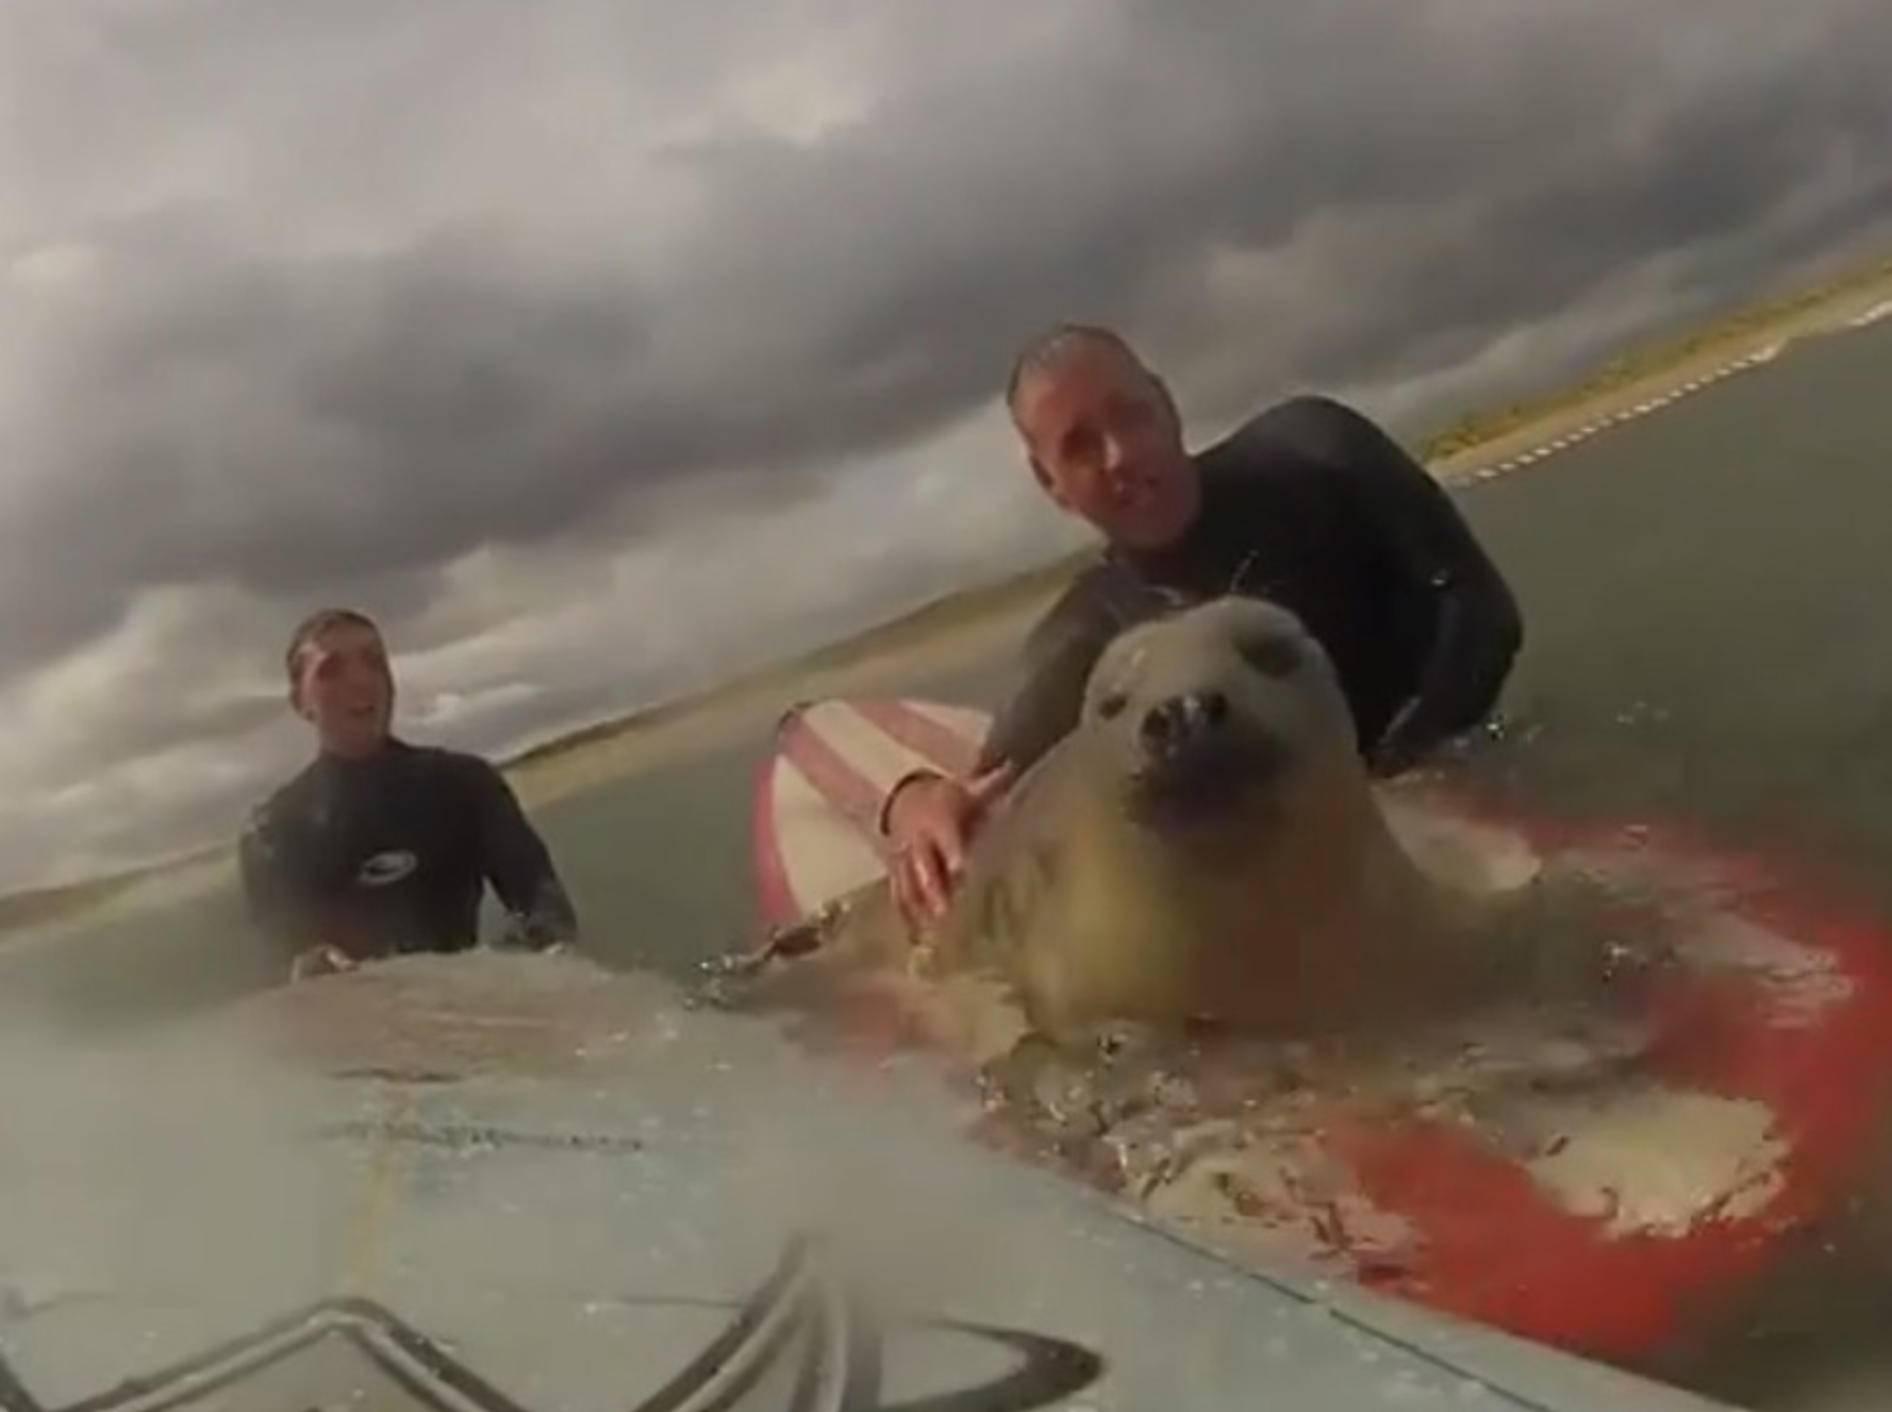 Coole Robbe chillt auf Surfbrett – Bild: Youtube / Insolitevideo